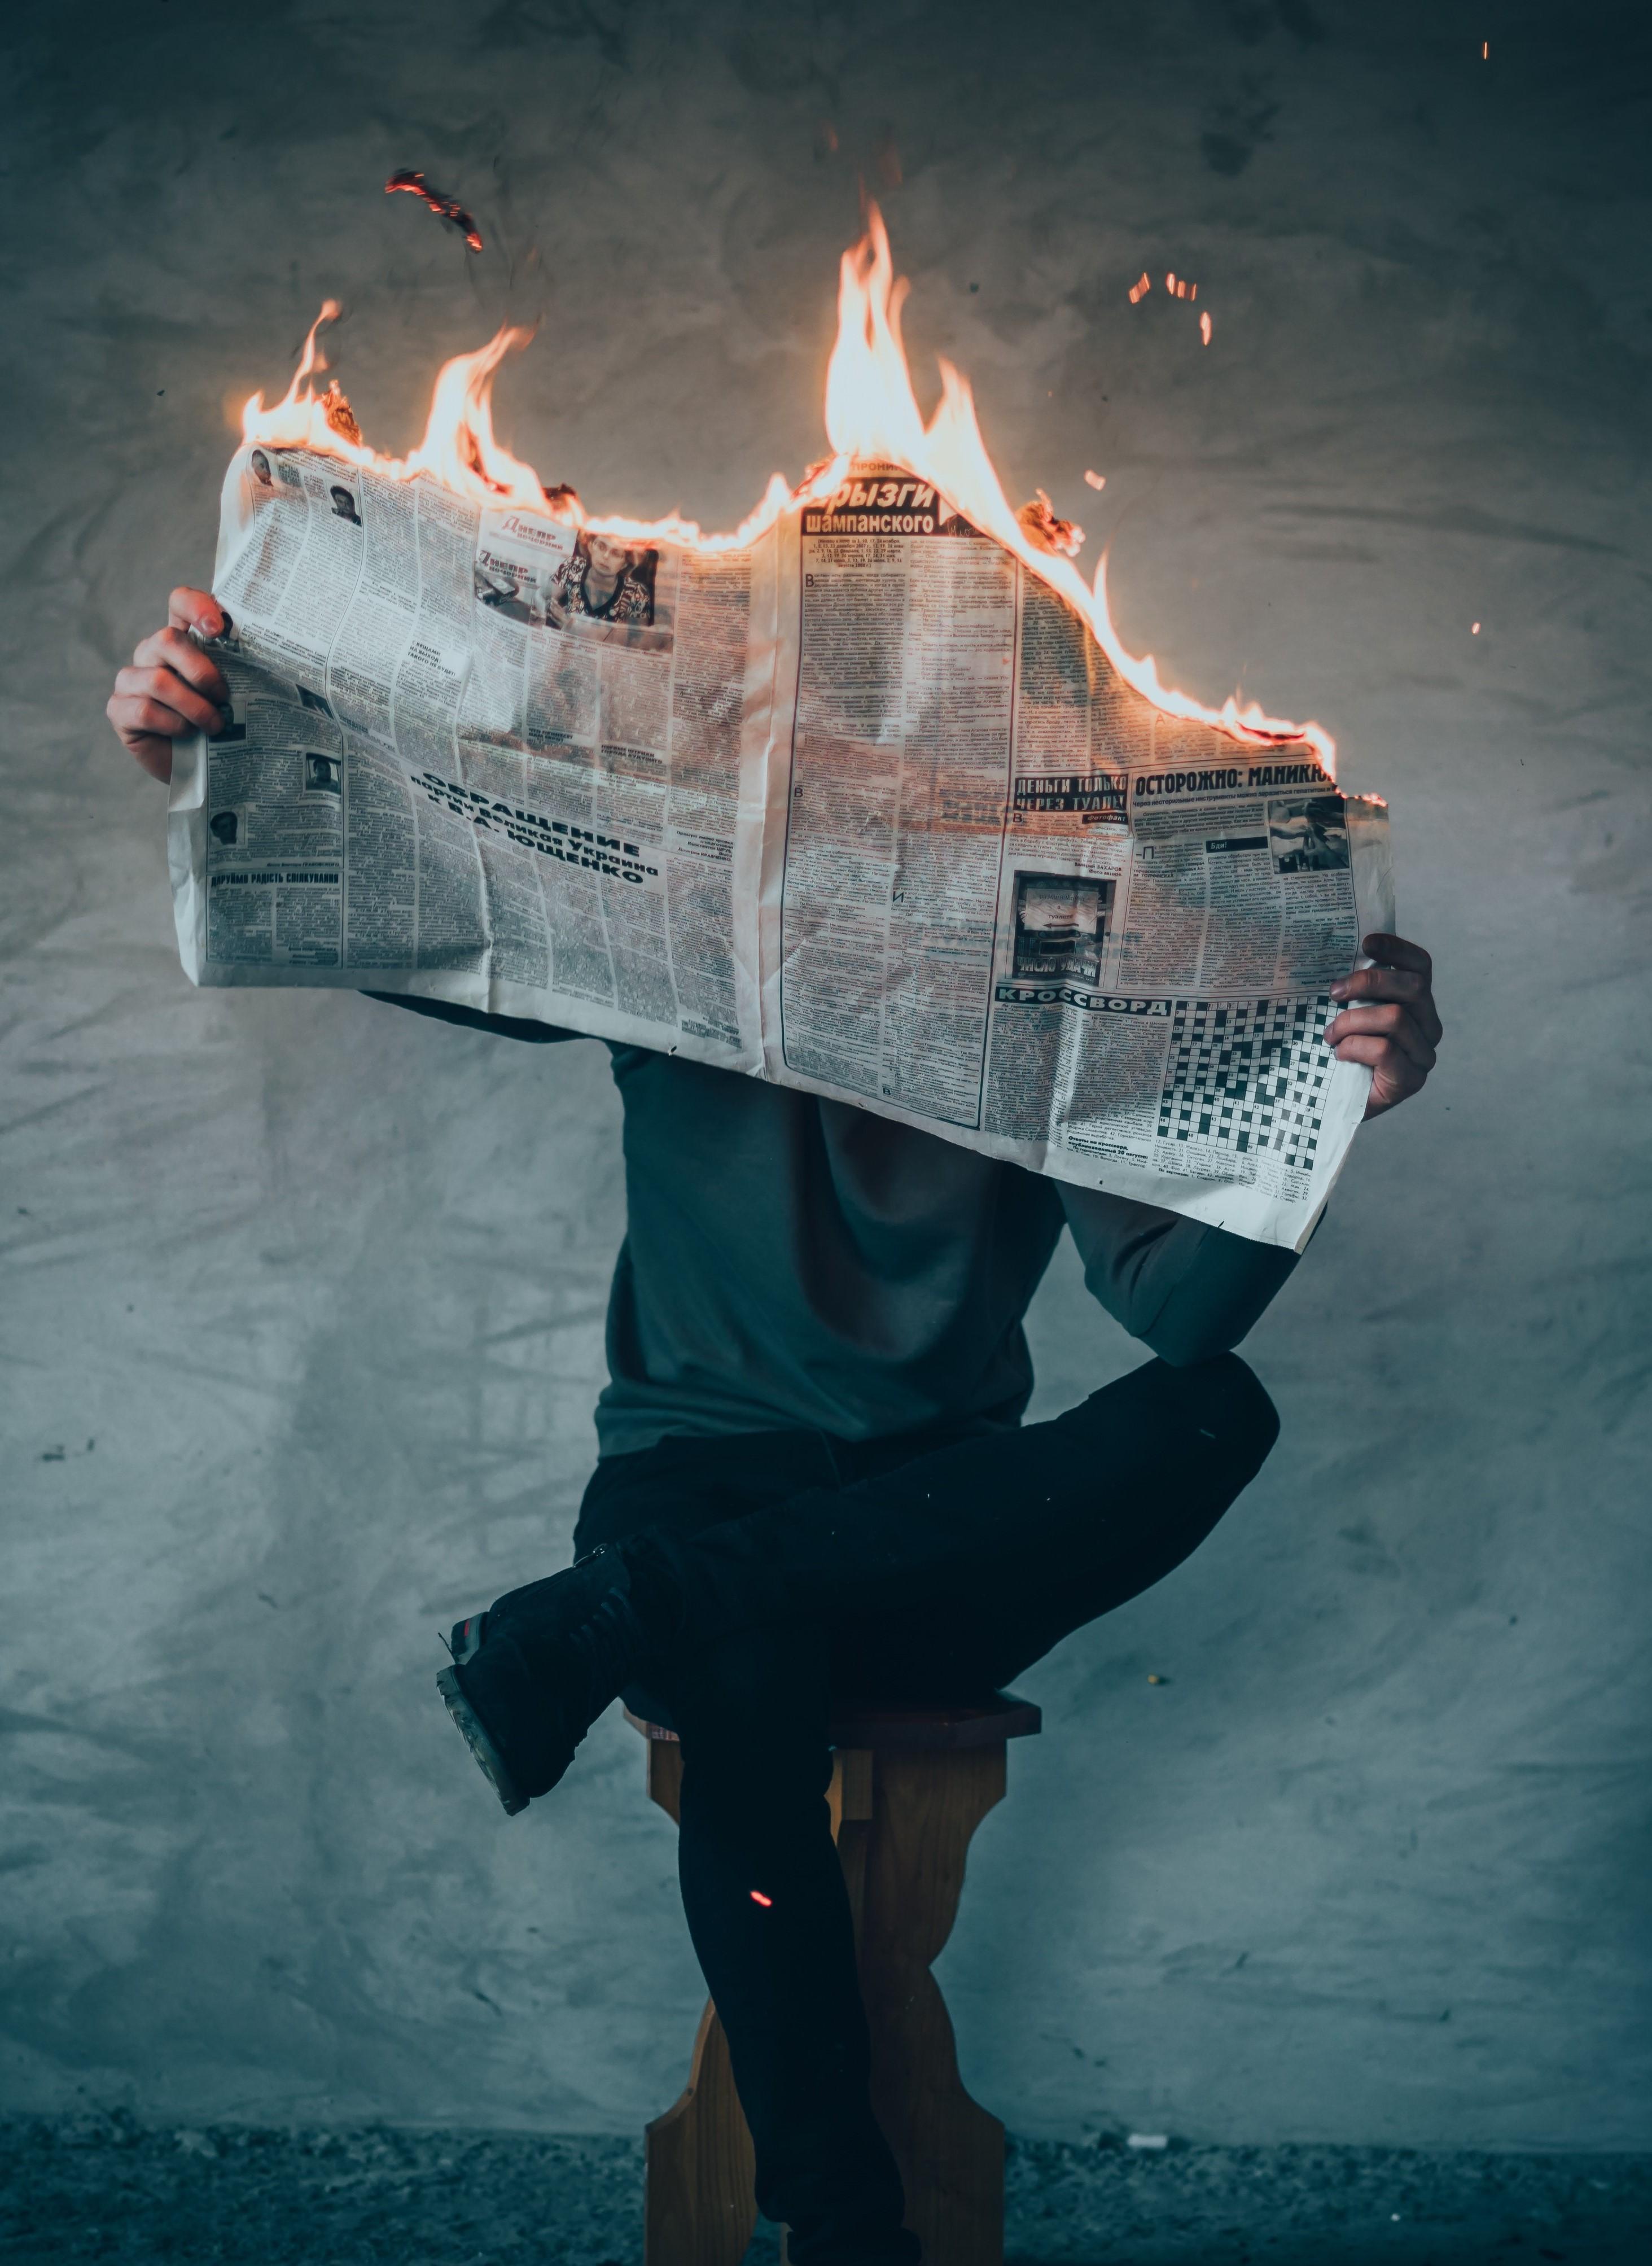 Burning news - politics